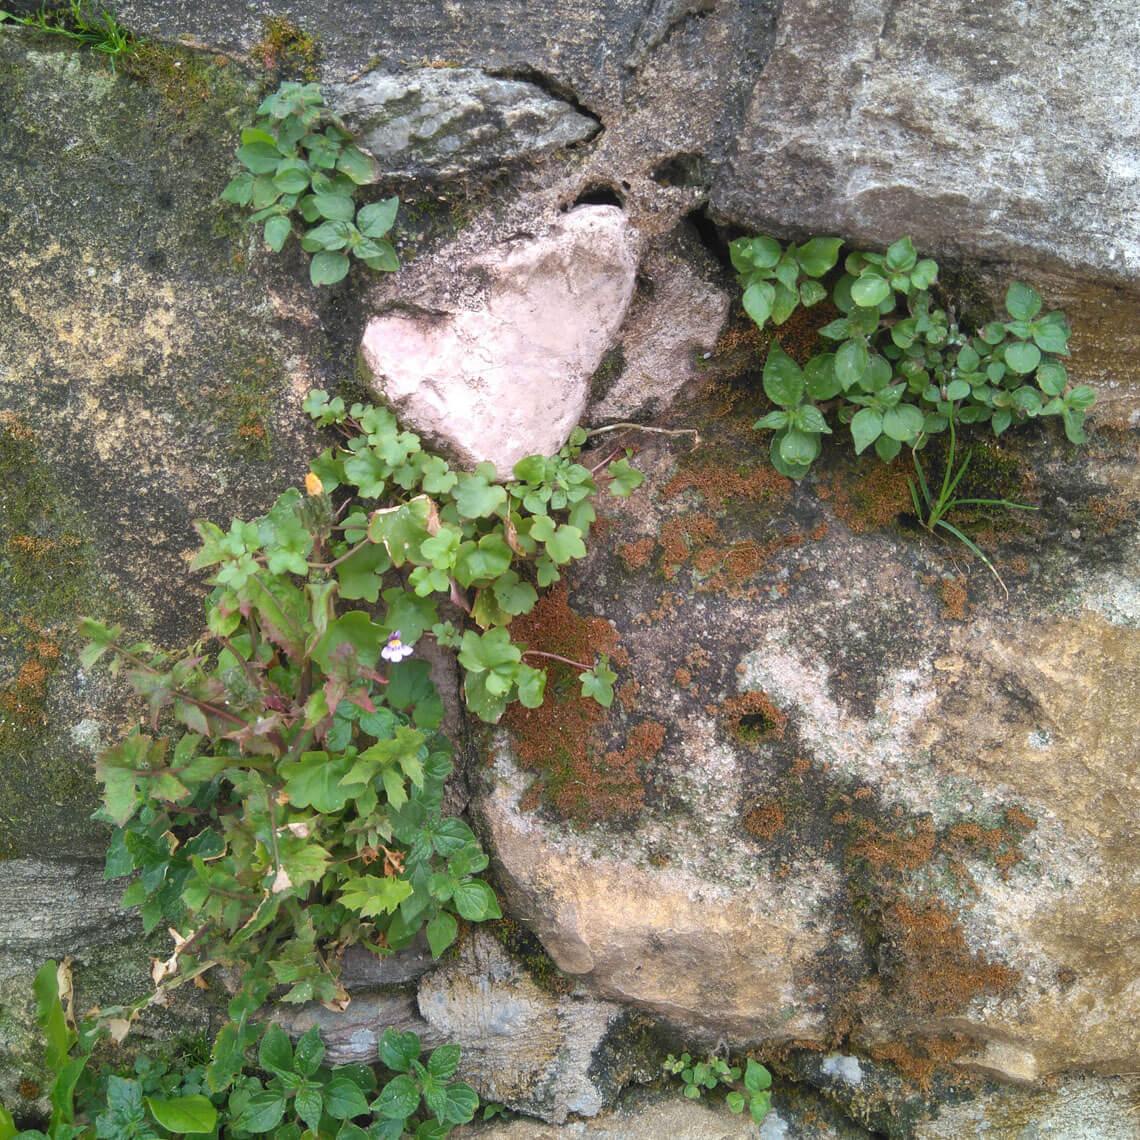 Vegetación espontánea en Algorta (Getxo, Bizkaia)